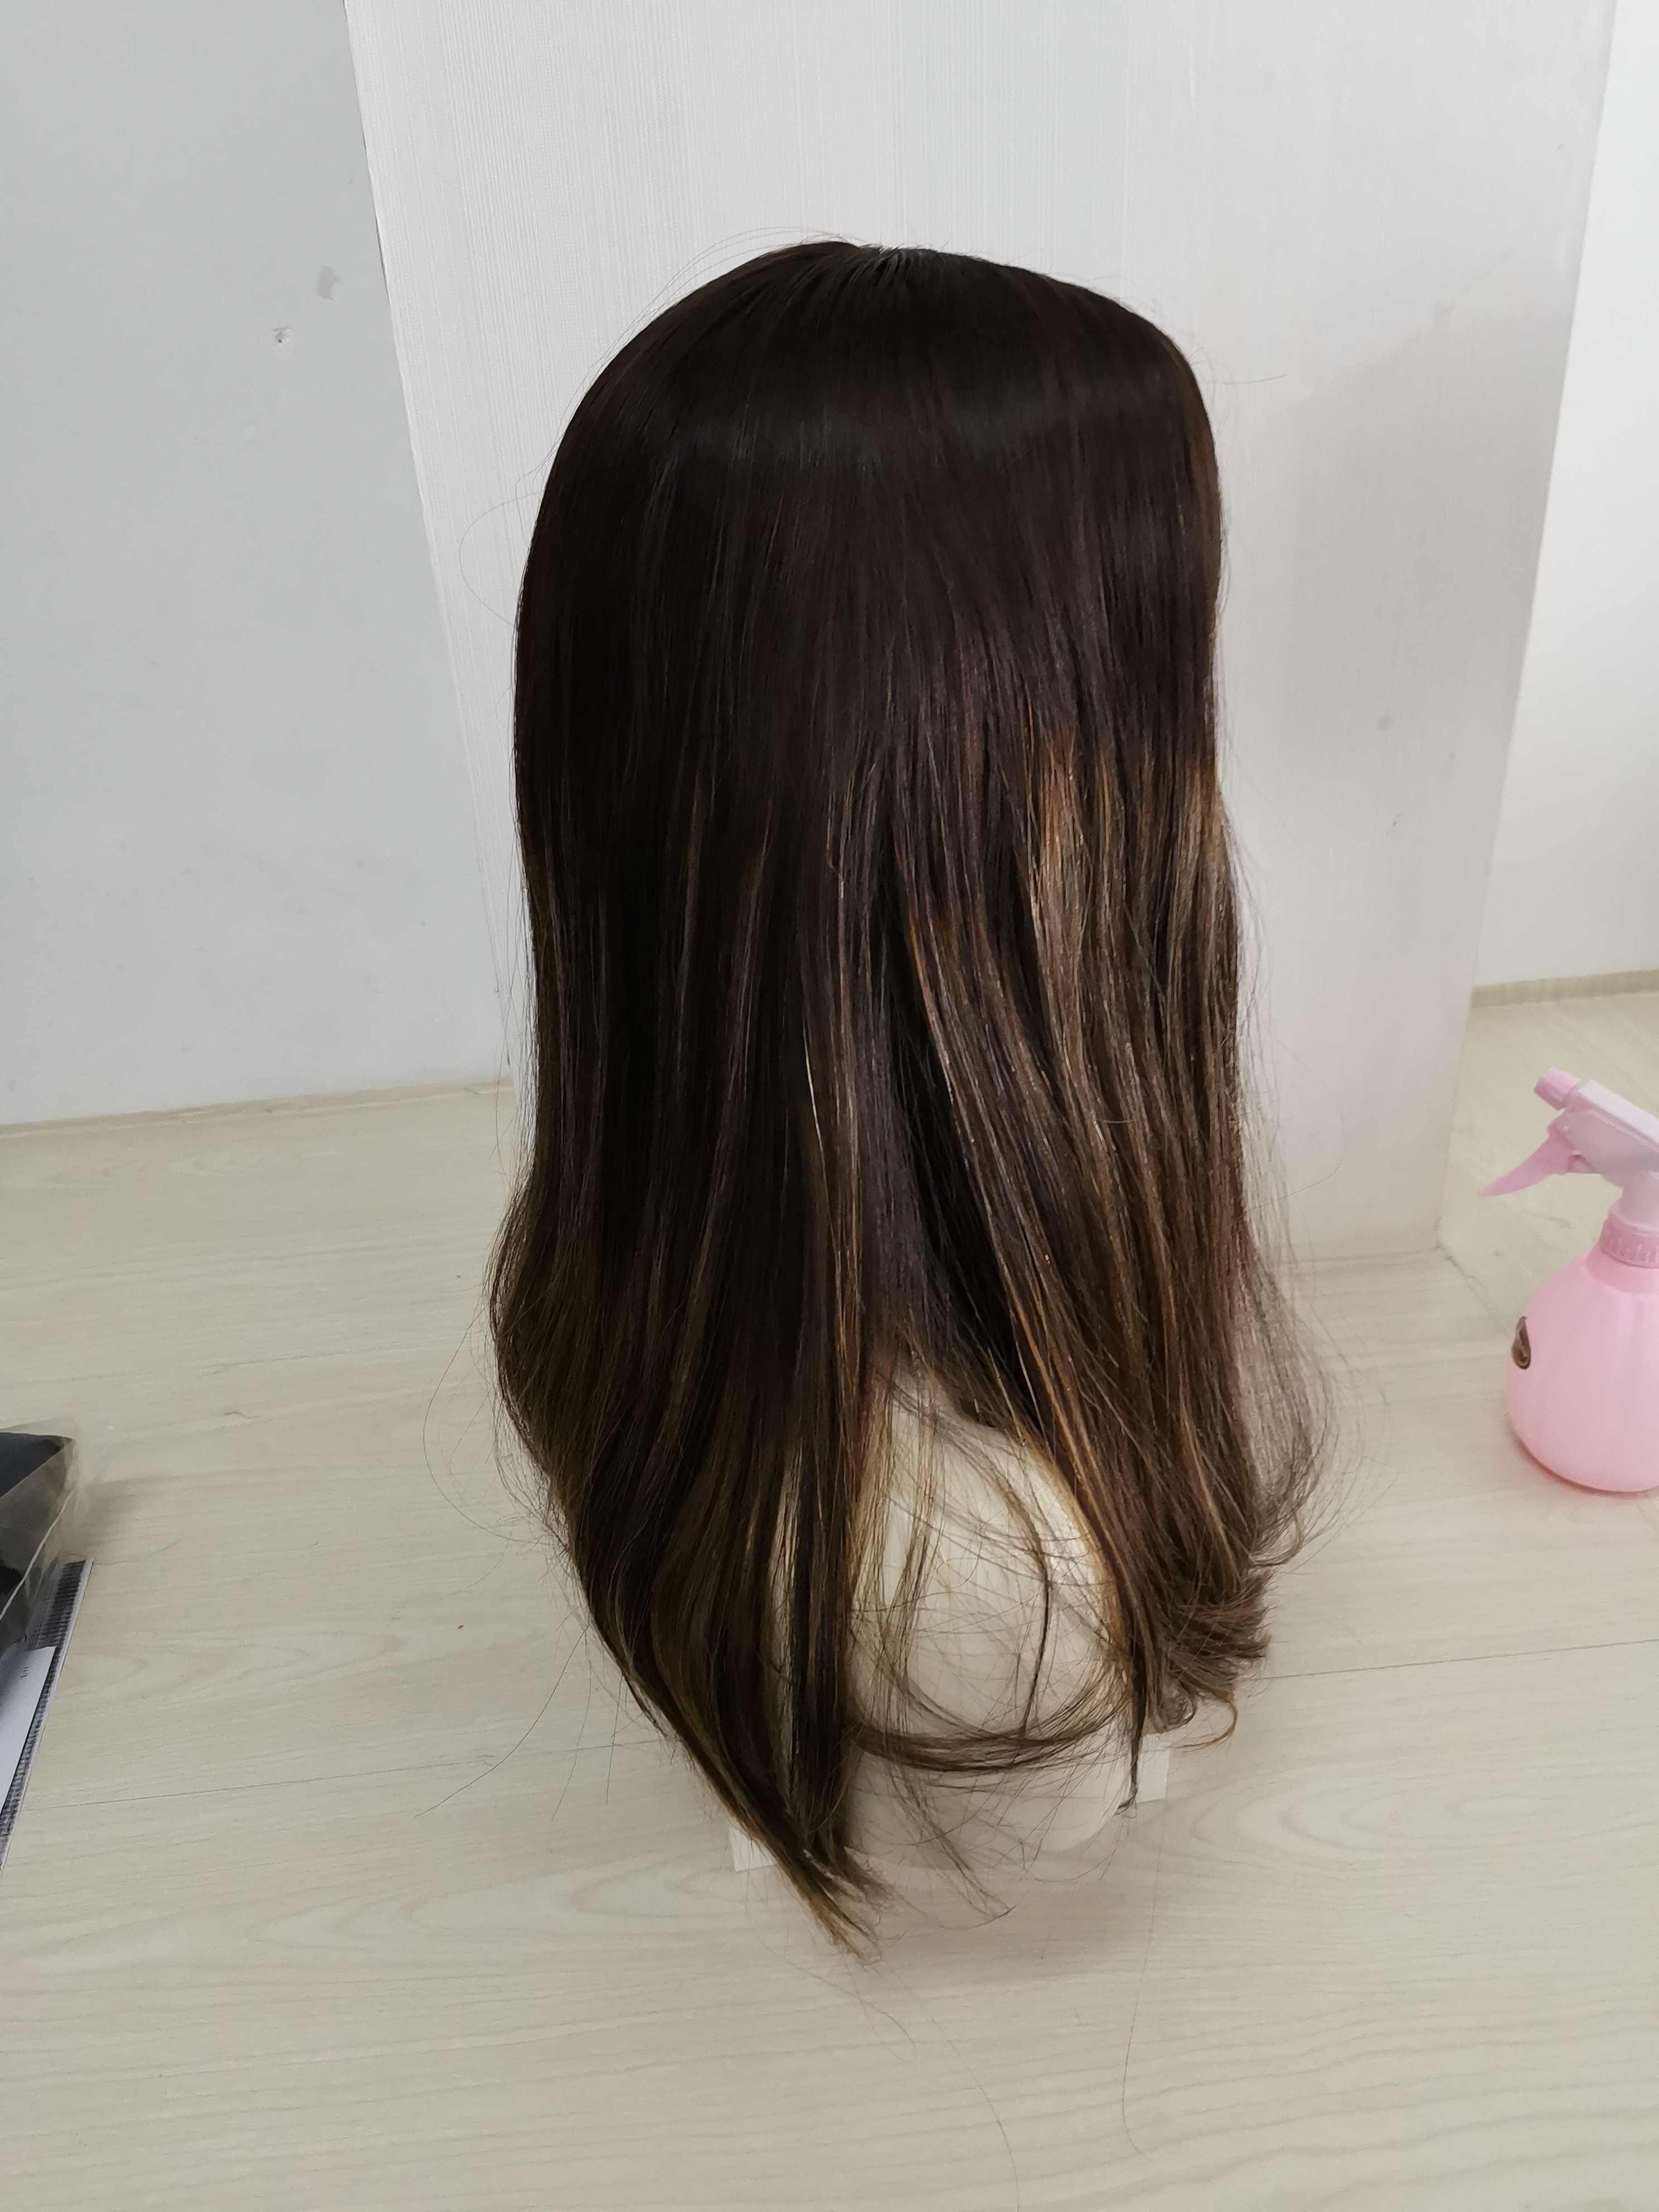 Alishevy silk top naturalne włosy europejskiej peruki 20 cal nie kolor warstwy 4 z pięknym HL żydowska peruka koszerna peruka najlepsze Sheitels